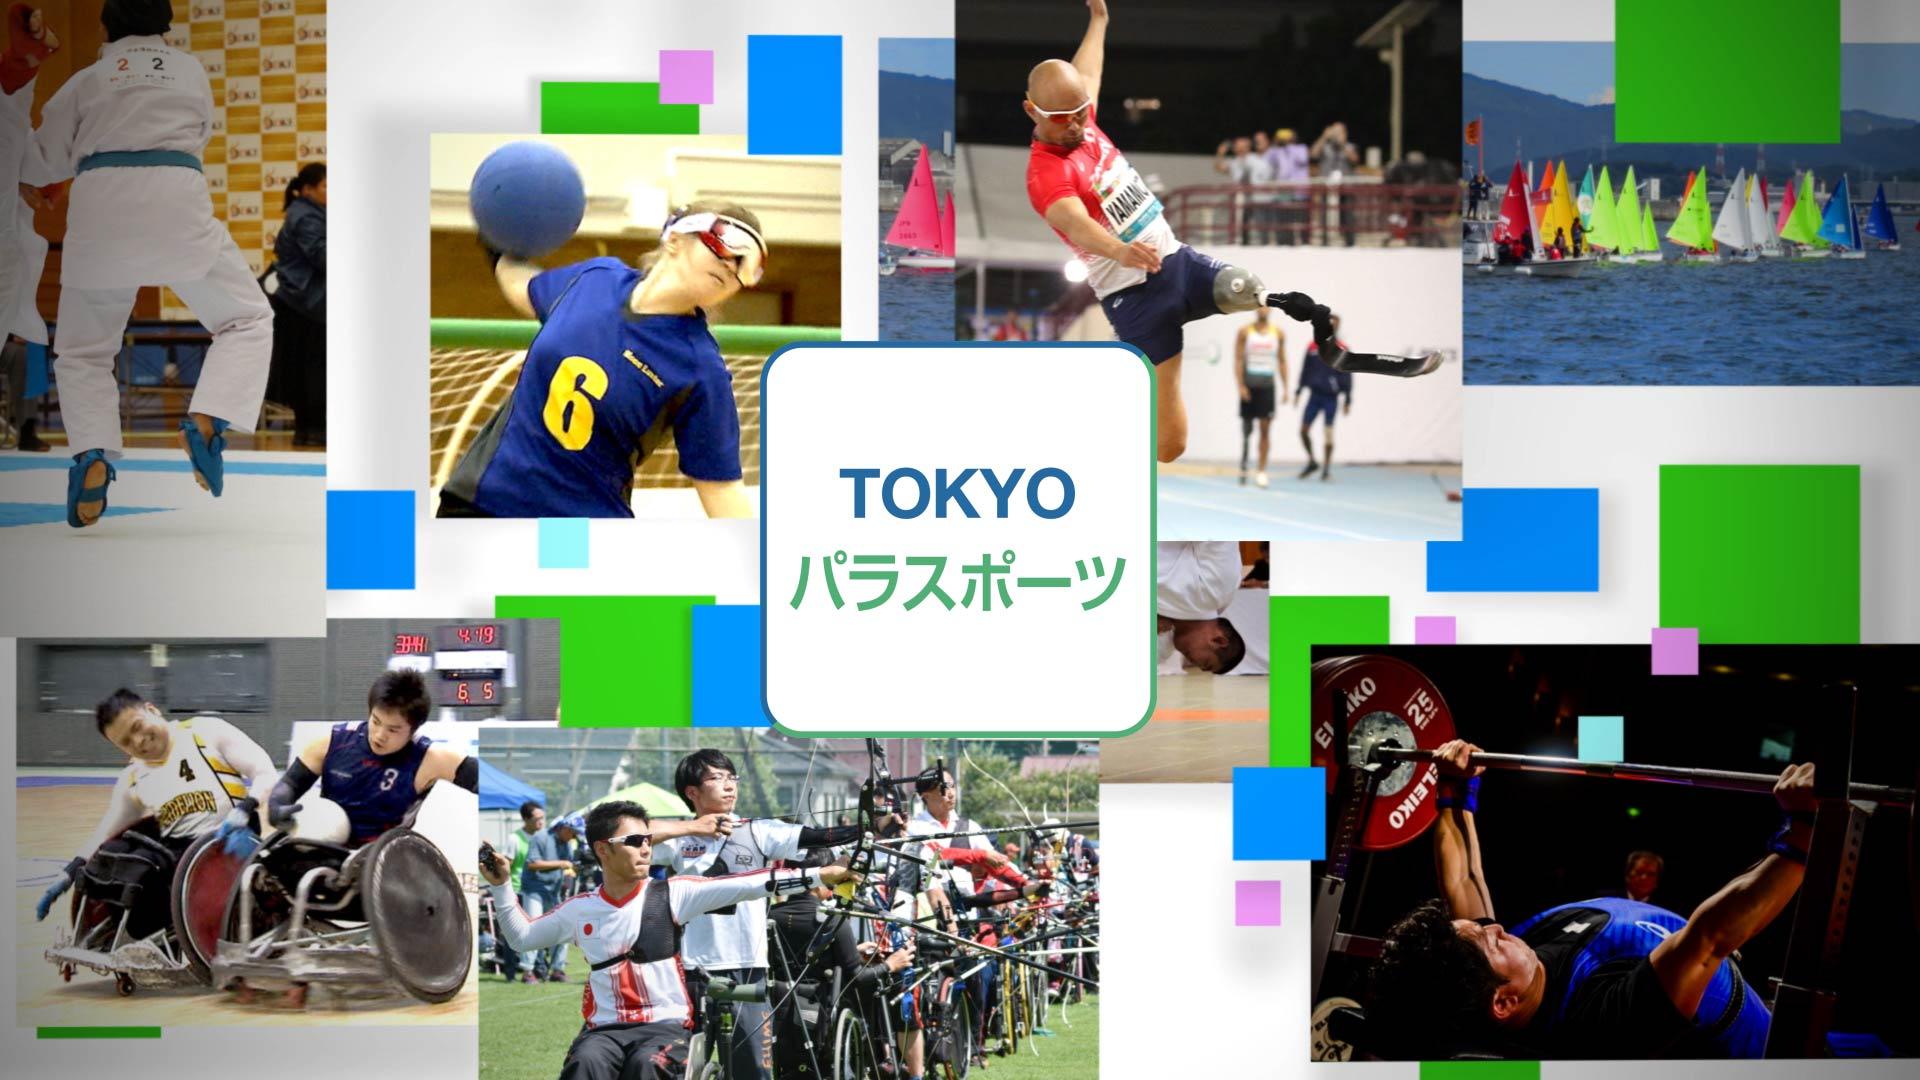 9d52d67e9ccf33771780d8d570ac6ff6 - 「TOKYOパラスポーツチャンネル」公式ウェブサイト・Twitterを開設しました!